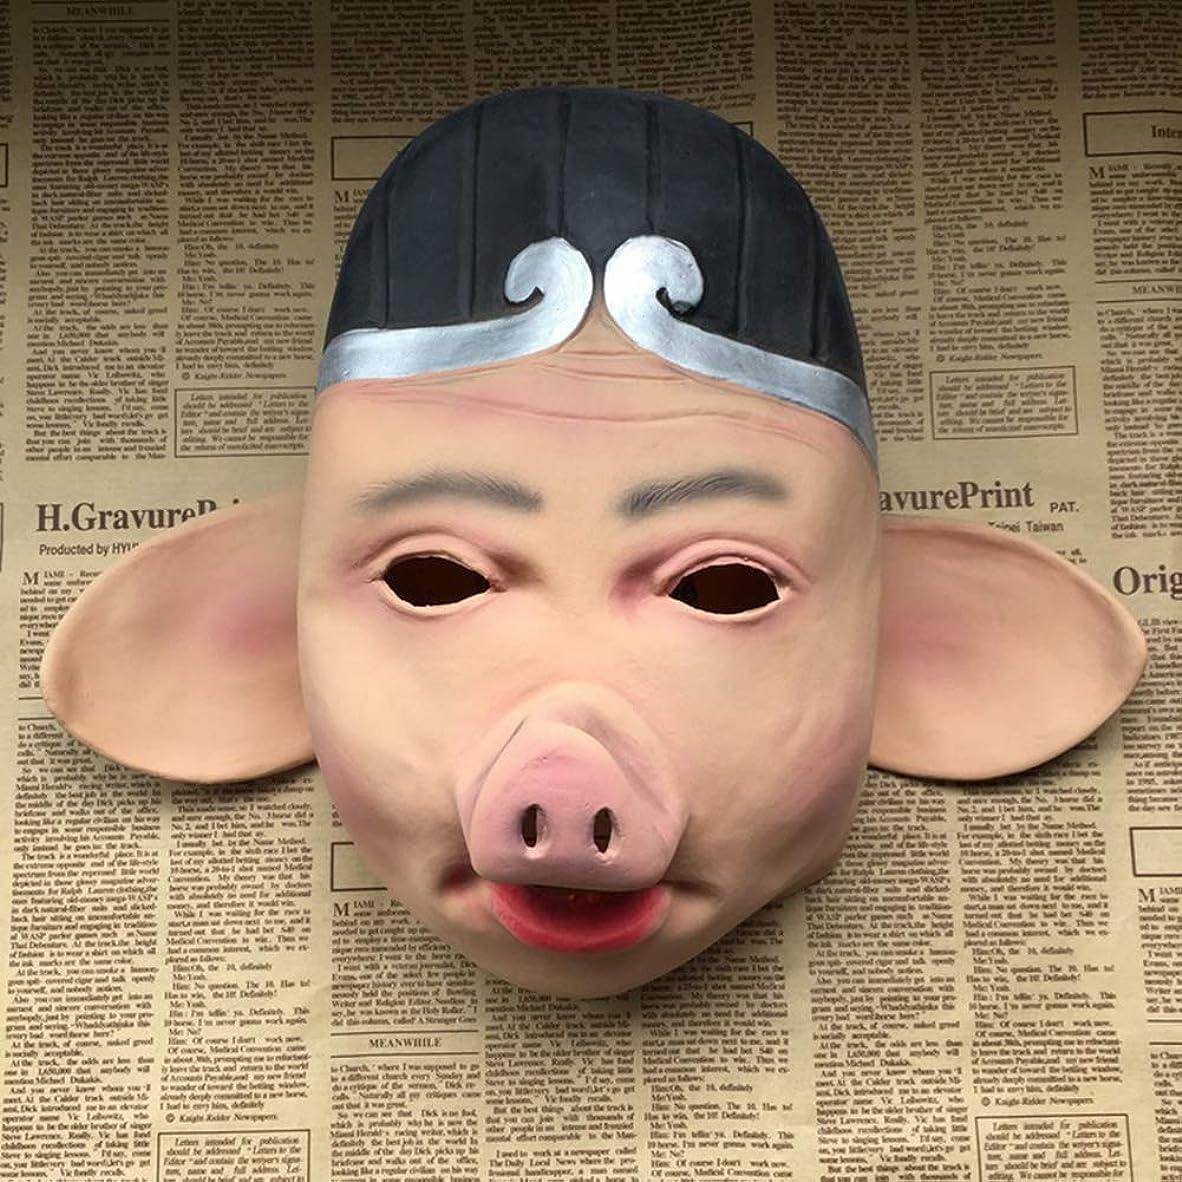 一般化する拍手する転送ハロウィーンホラーマスク、偽の創造的なブタのマスク、面白いヘッドマスク、パーティー仮装ラテックス Vizard マスク